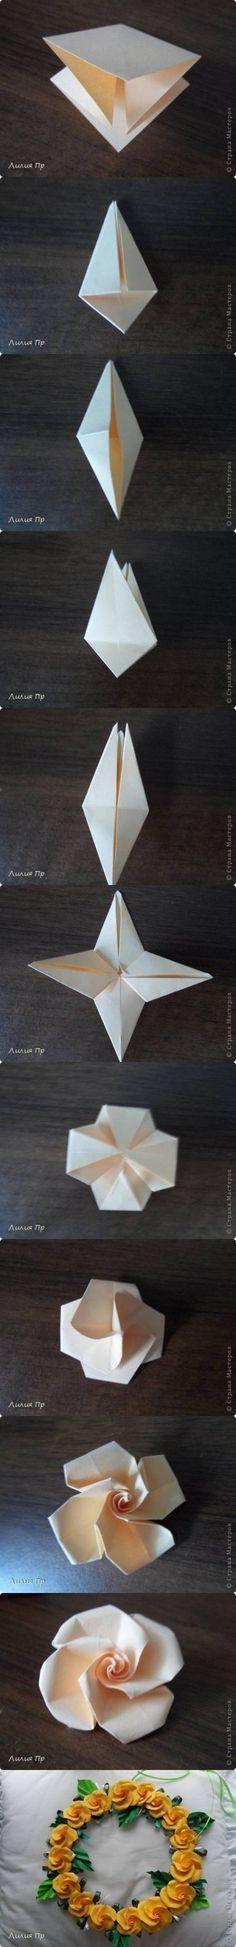 How to DIY Beautiful Origami Rose